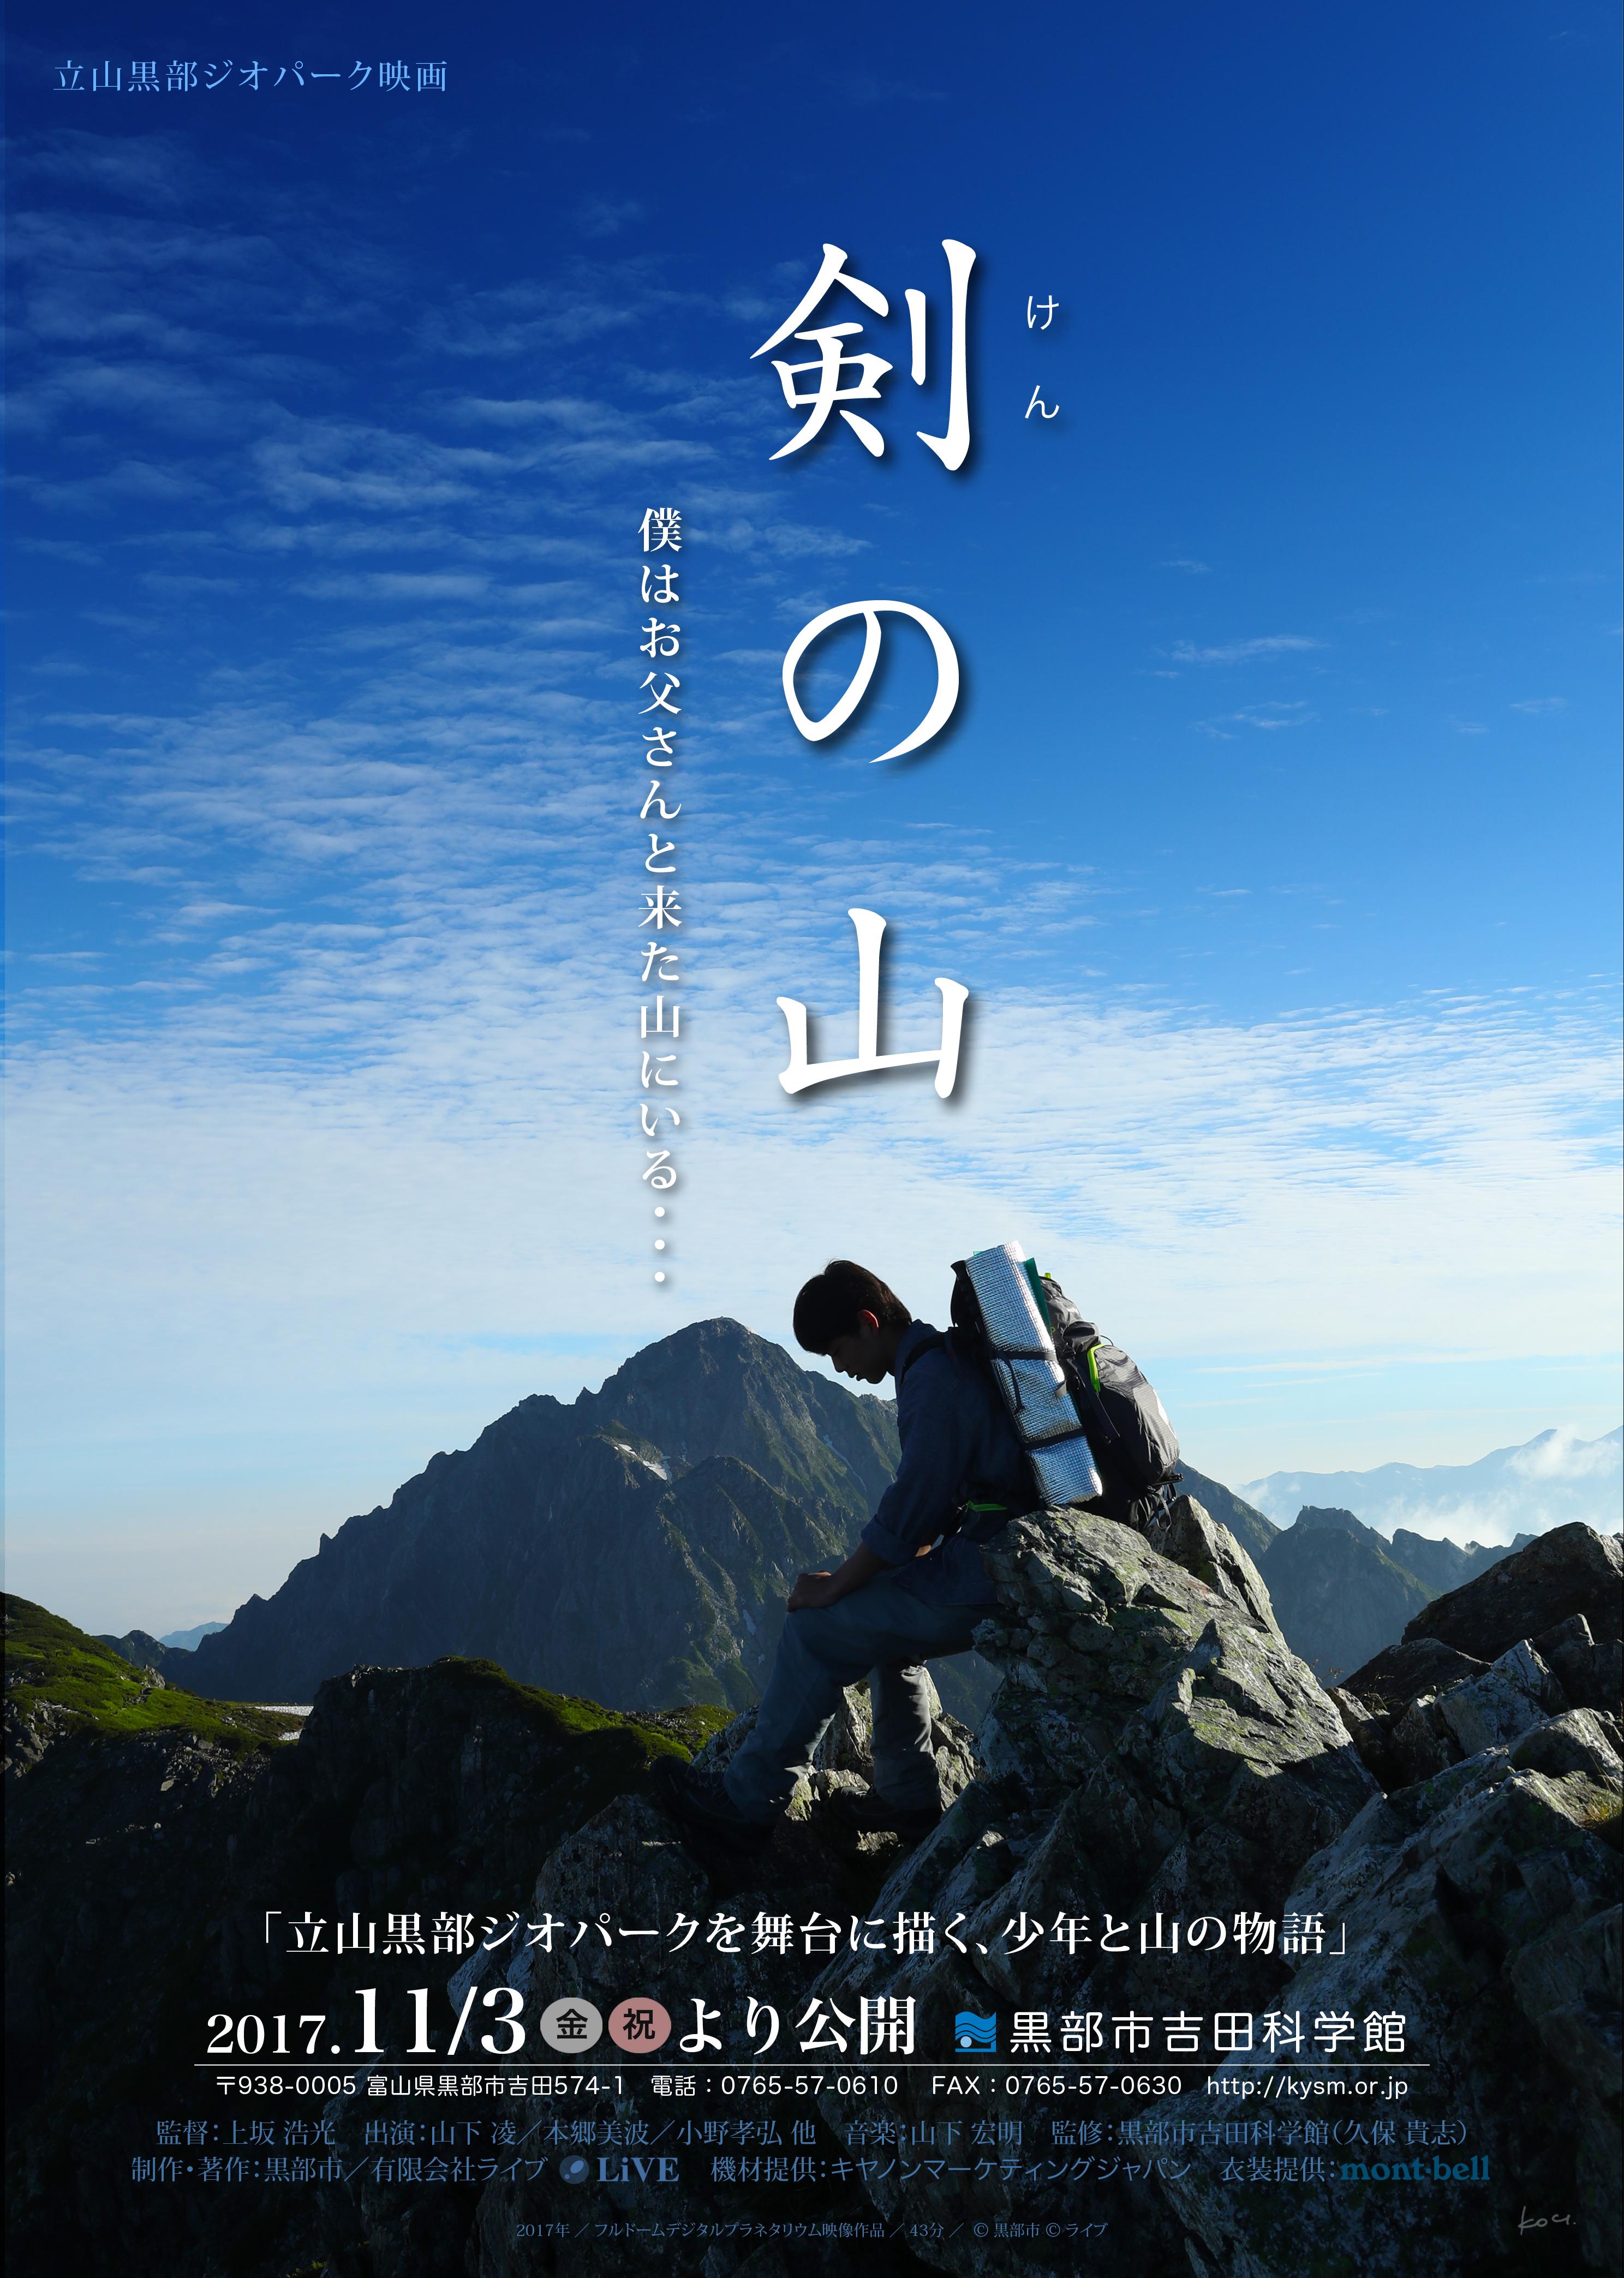 立山黒部ジオパーク映画<br>「剣(けん)の山」